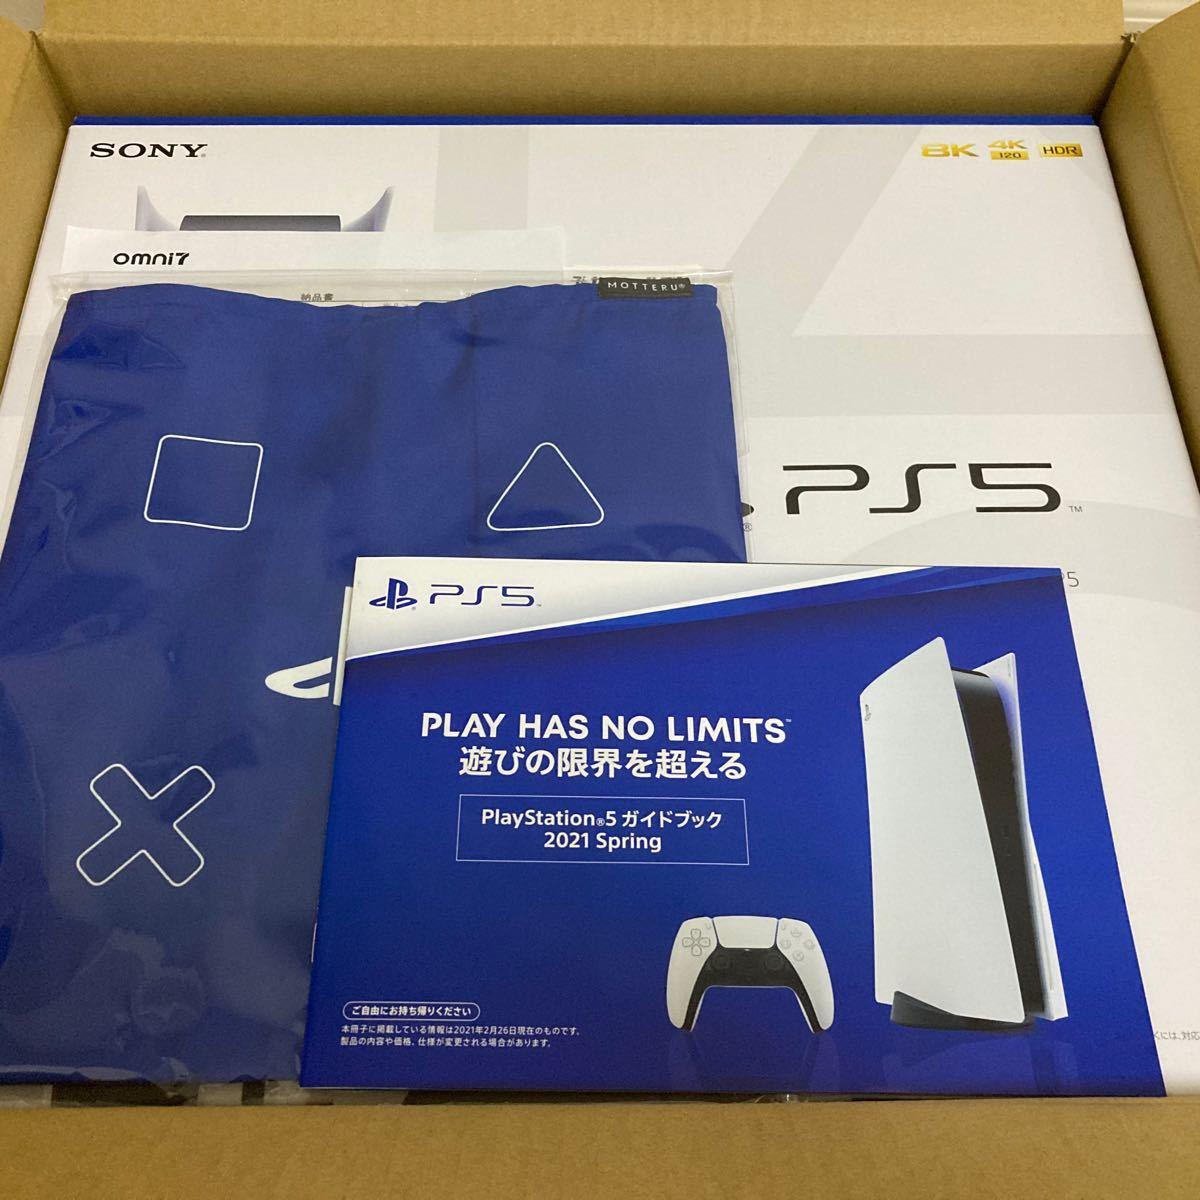 PlayStation5 本体 PS5 ディスクドライブ搭載モデル <オムニ7 限定特典付>